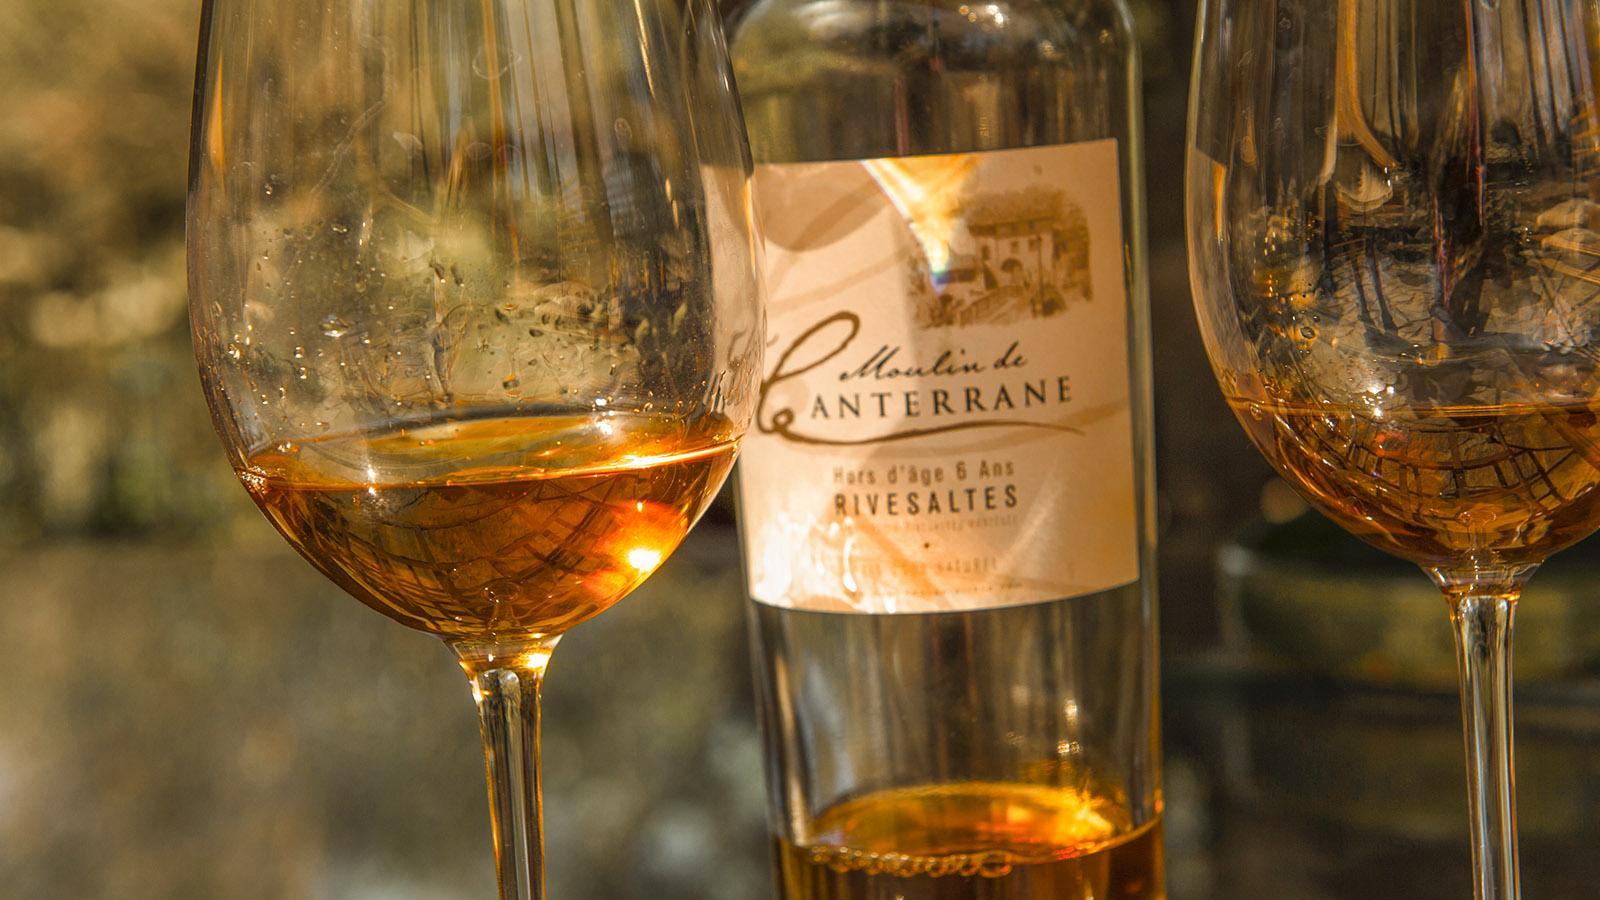 Der hauseigene Süßwein der Moulin de Canterrane. Foto: Hilke Maunder